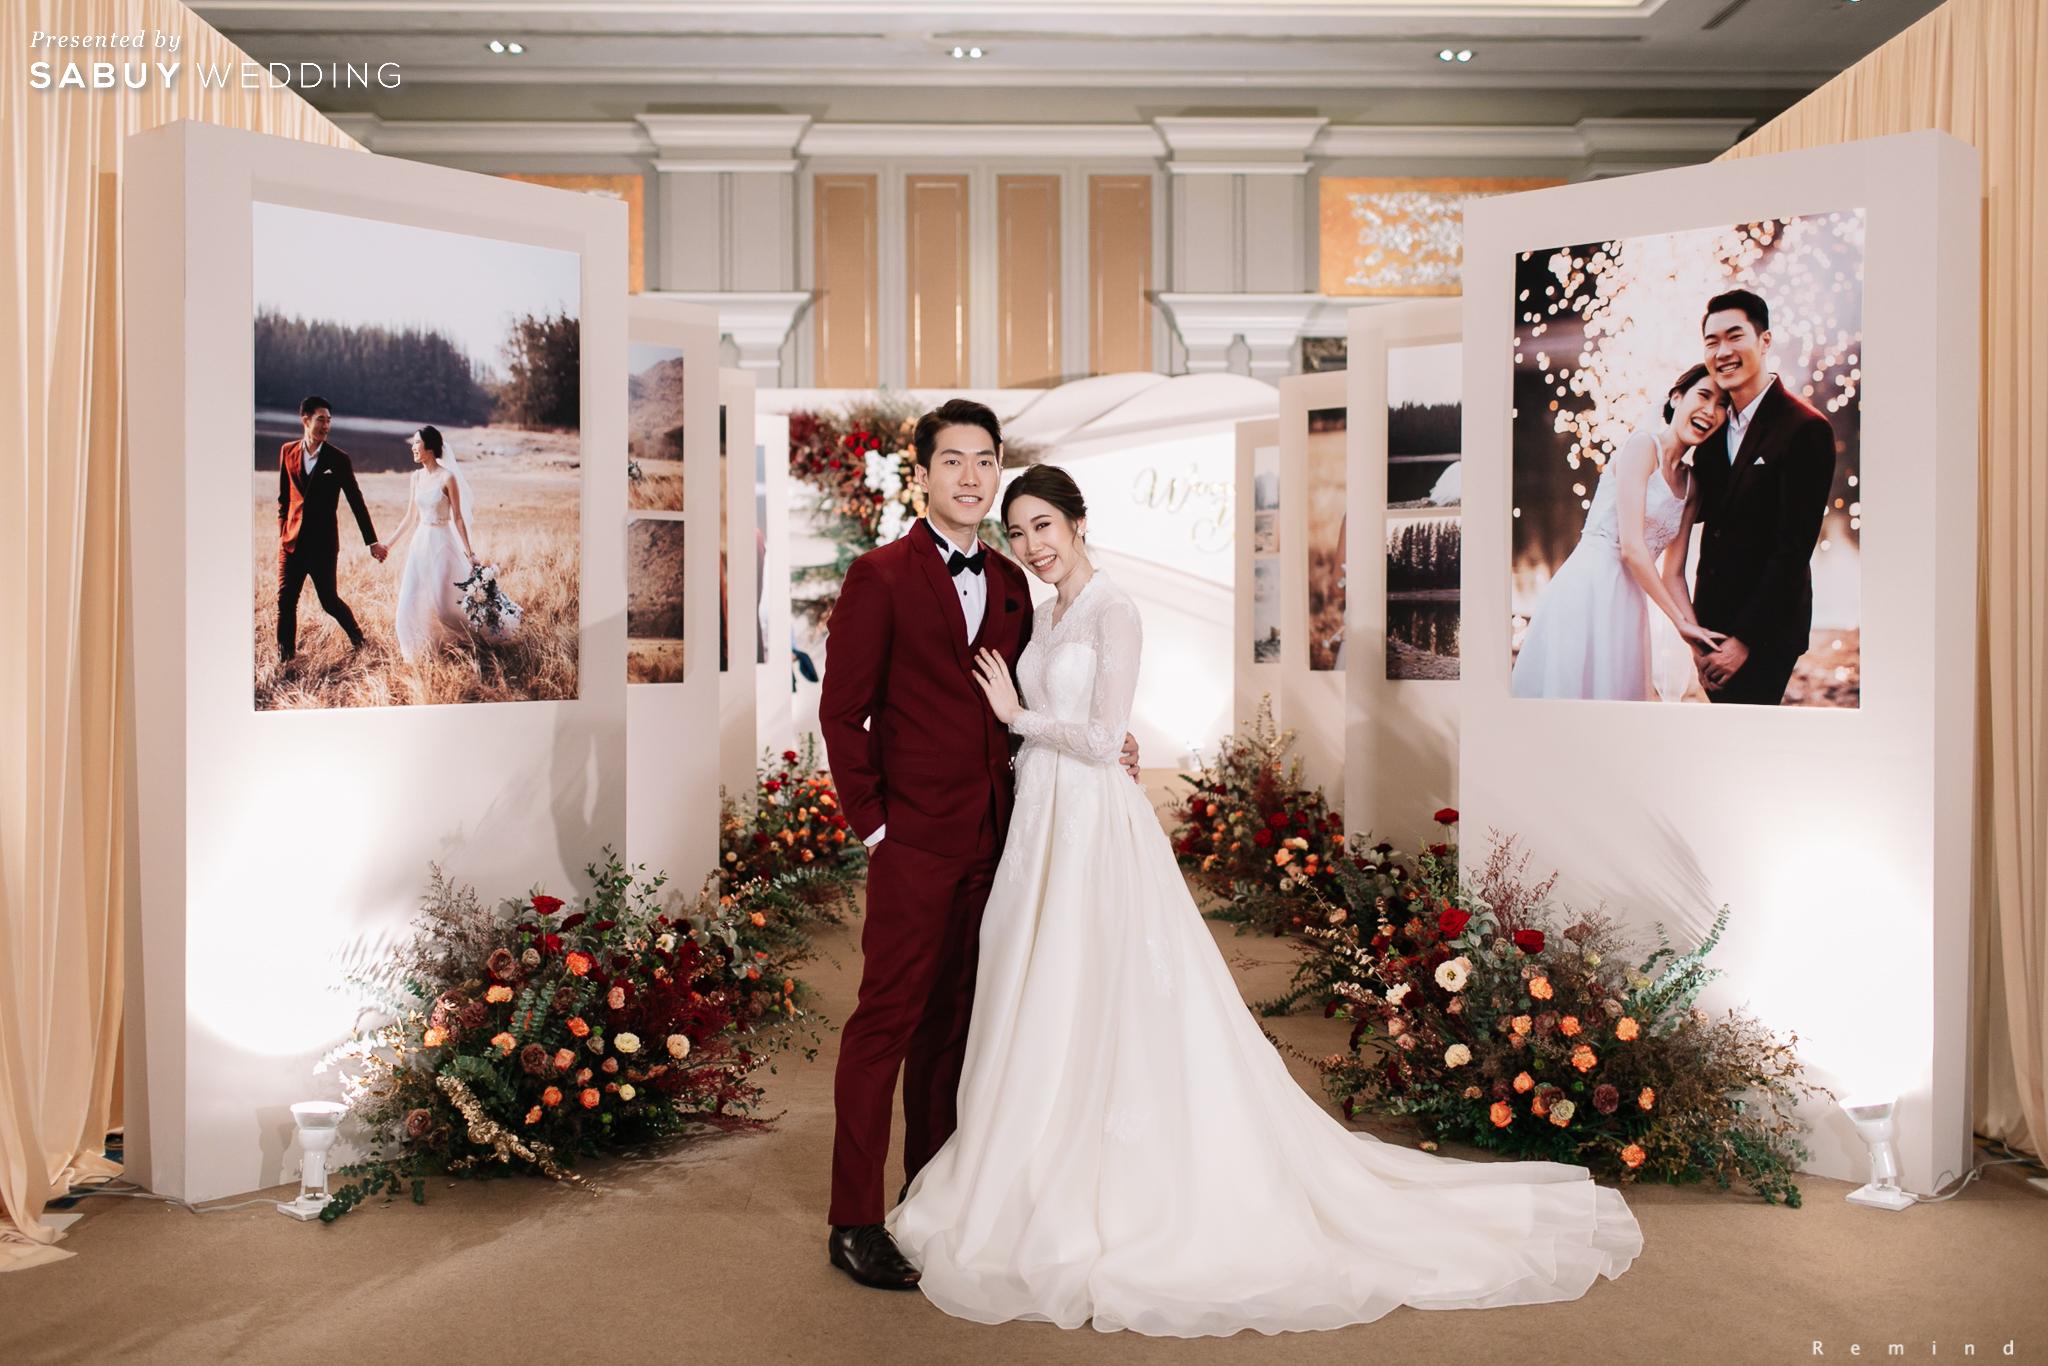 ตกแต่งงานแต่งงาน รีวิวงานแต่งเช้าเลี้ยงเย็นไซส์ใหญ่ จัดงานสุดเซอร์ไพรส์ได้ใจแขก @ The Berkeley Hotel Pratunam